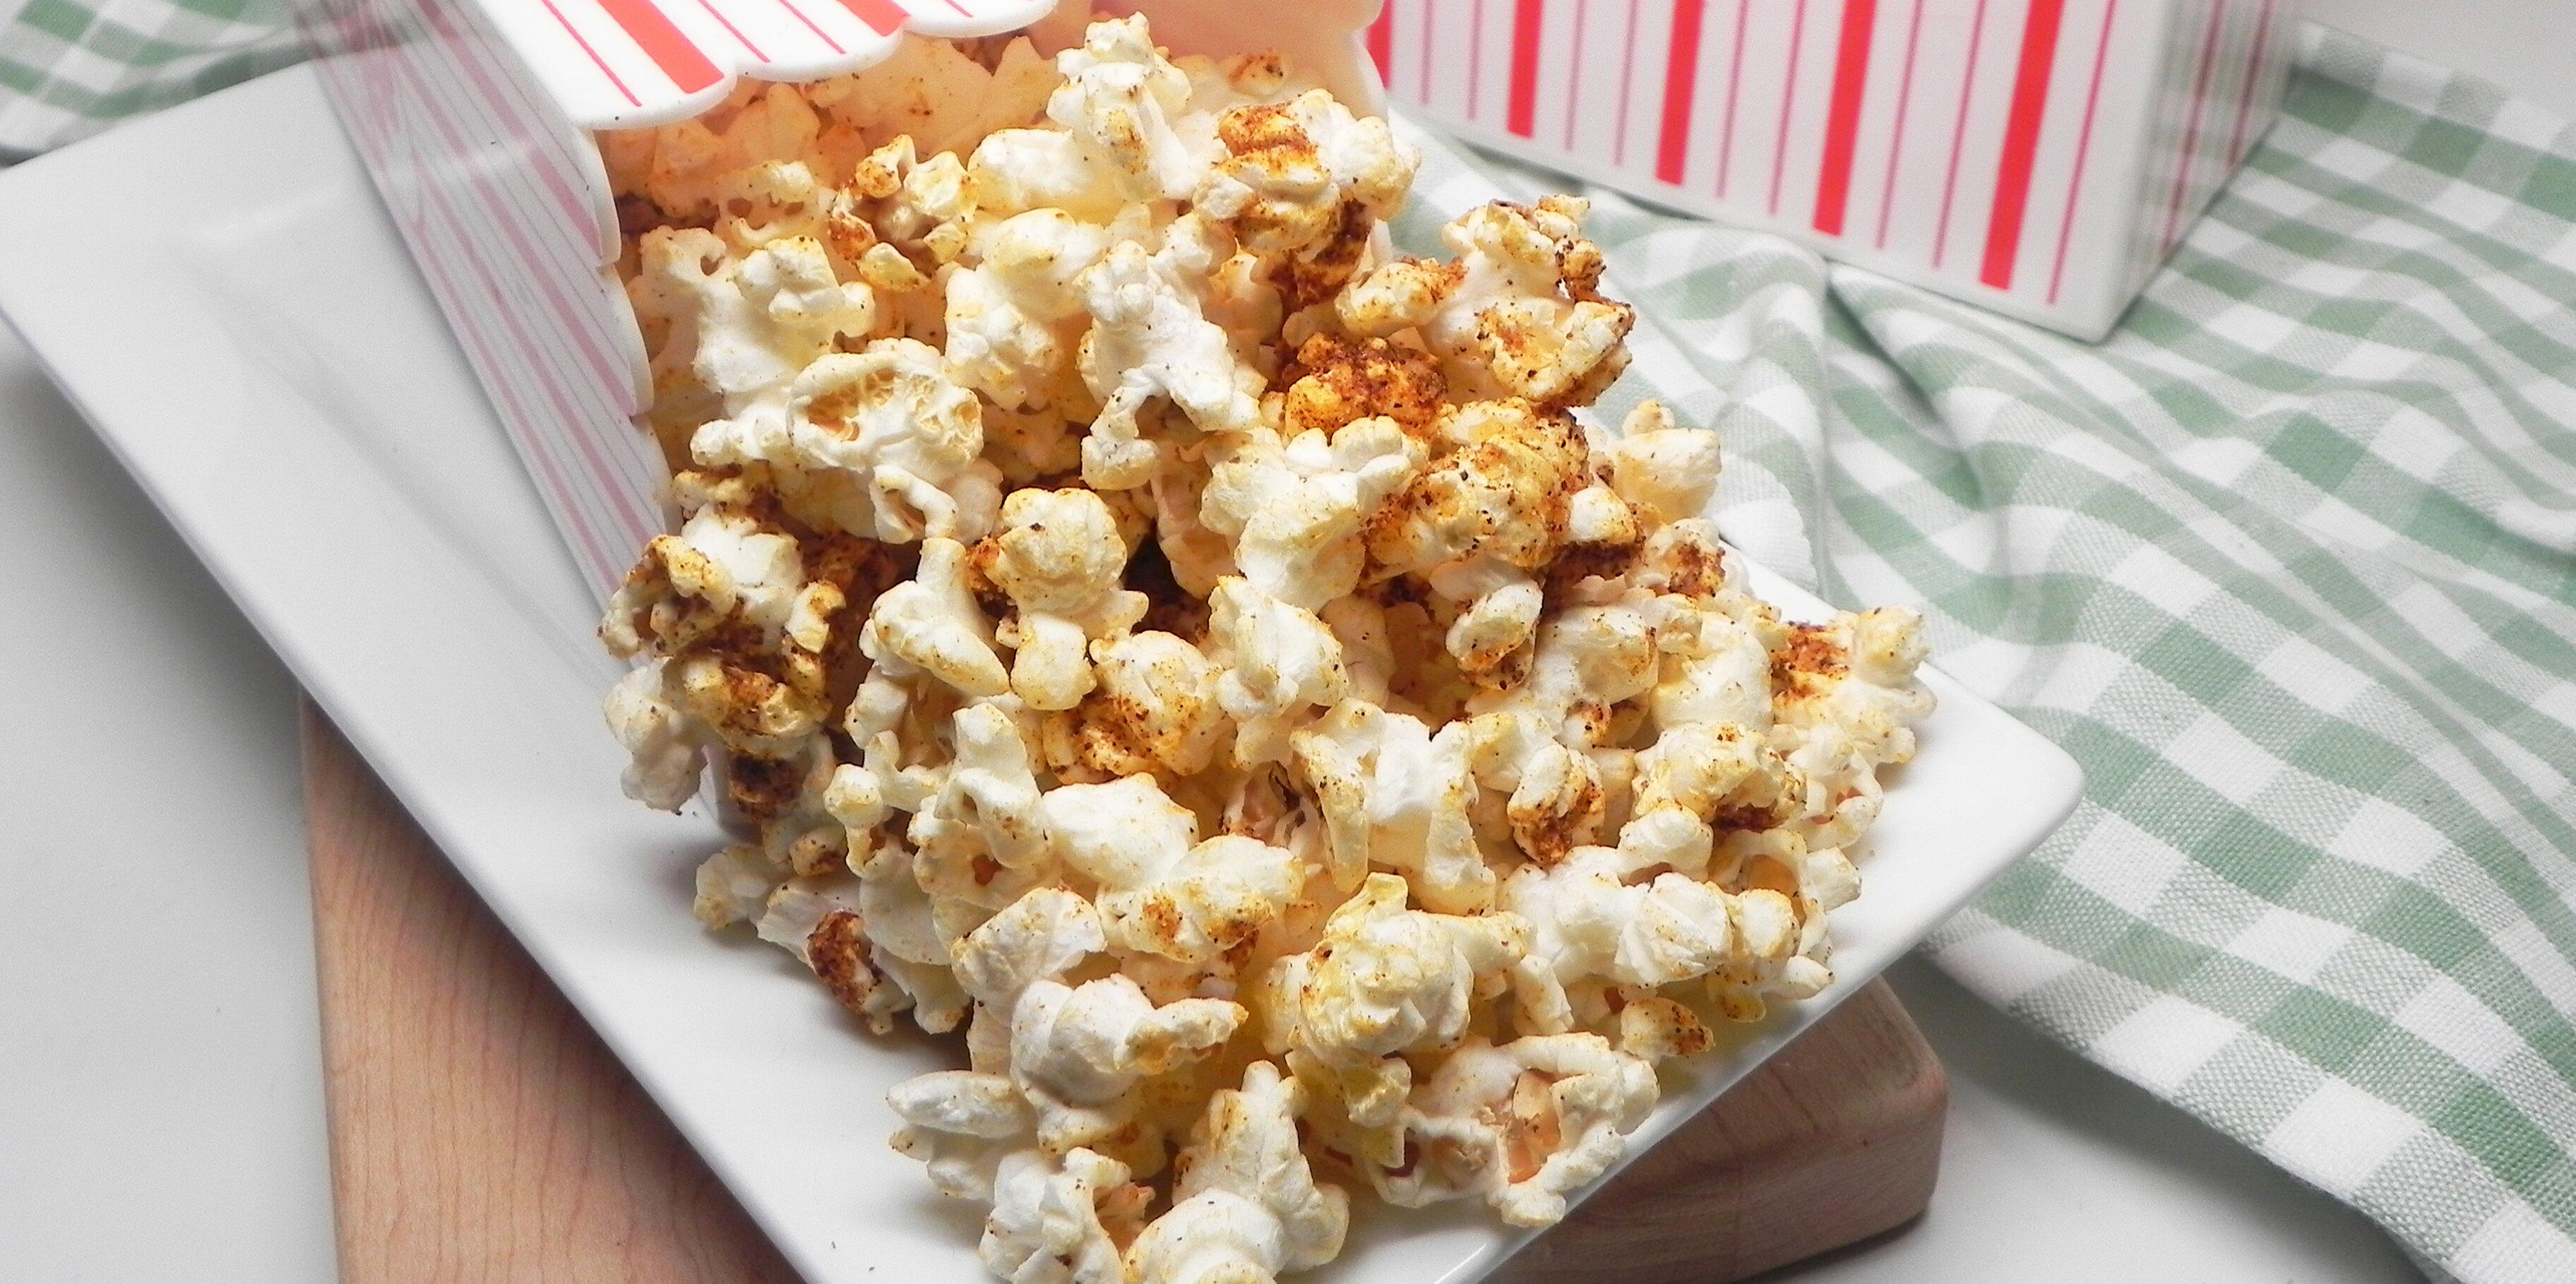 cheesy chili popcorn recipe